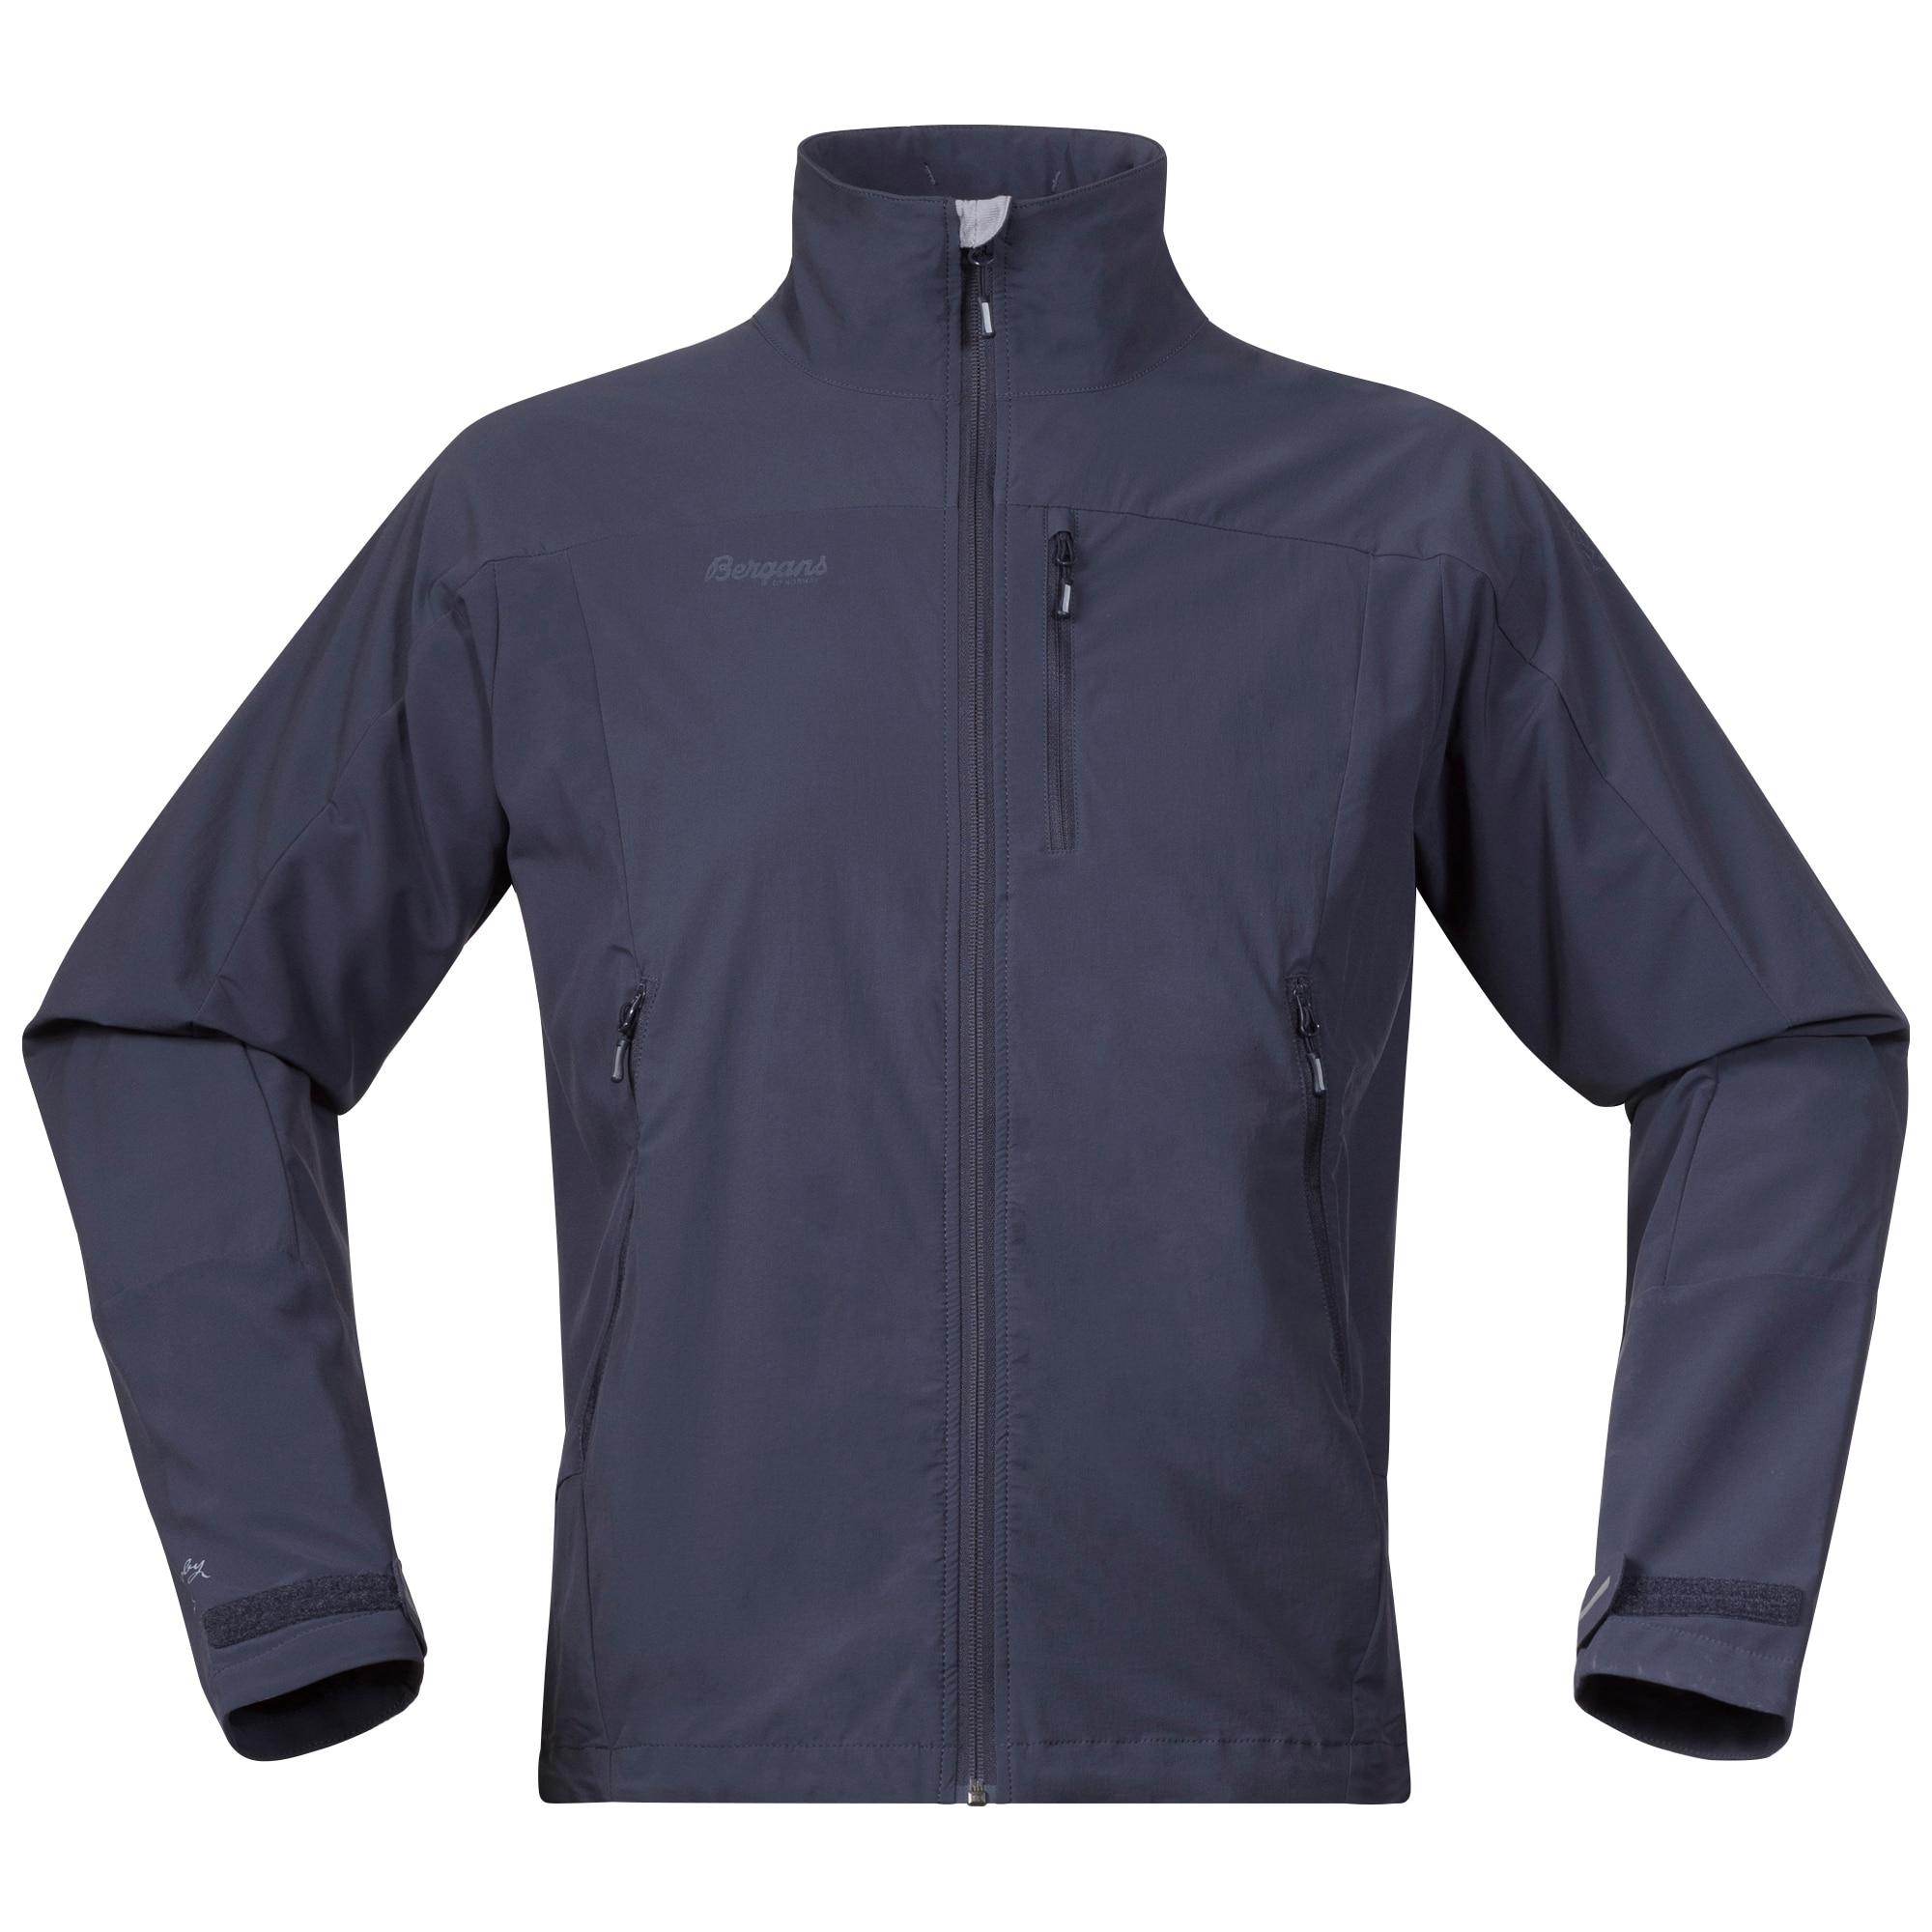 Torfinnstind Jacket